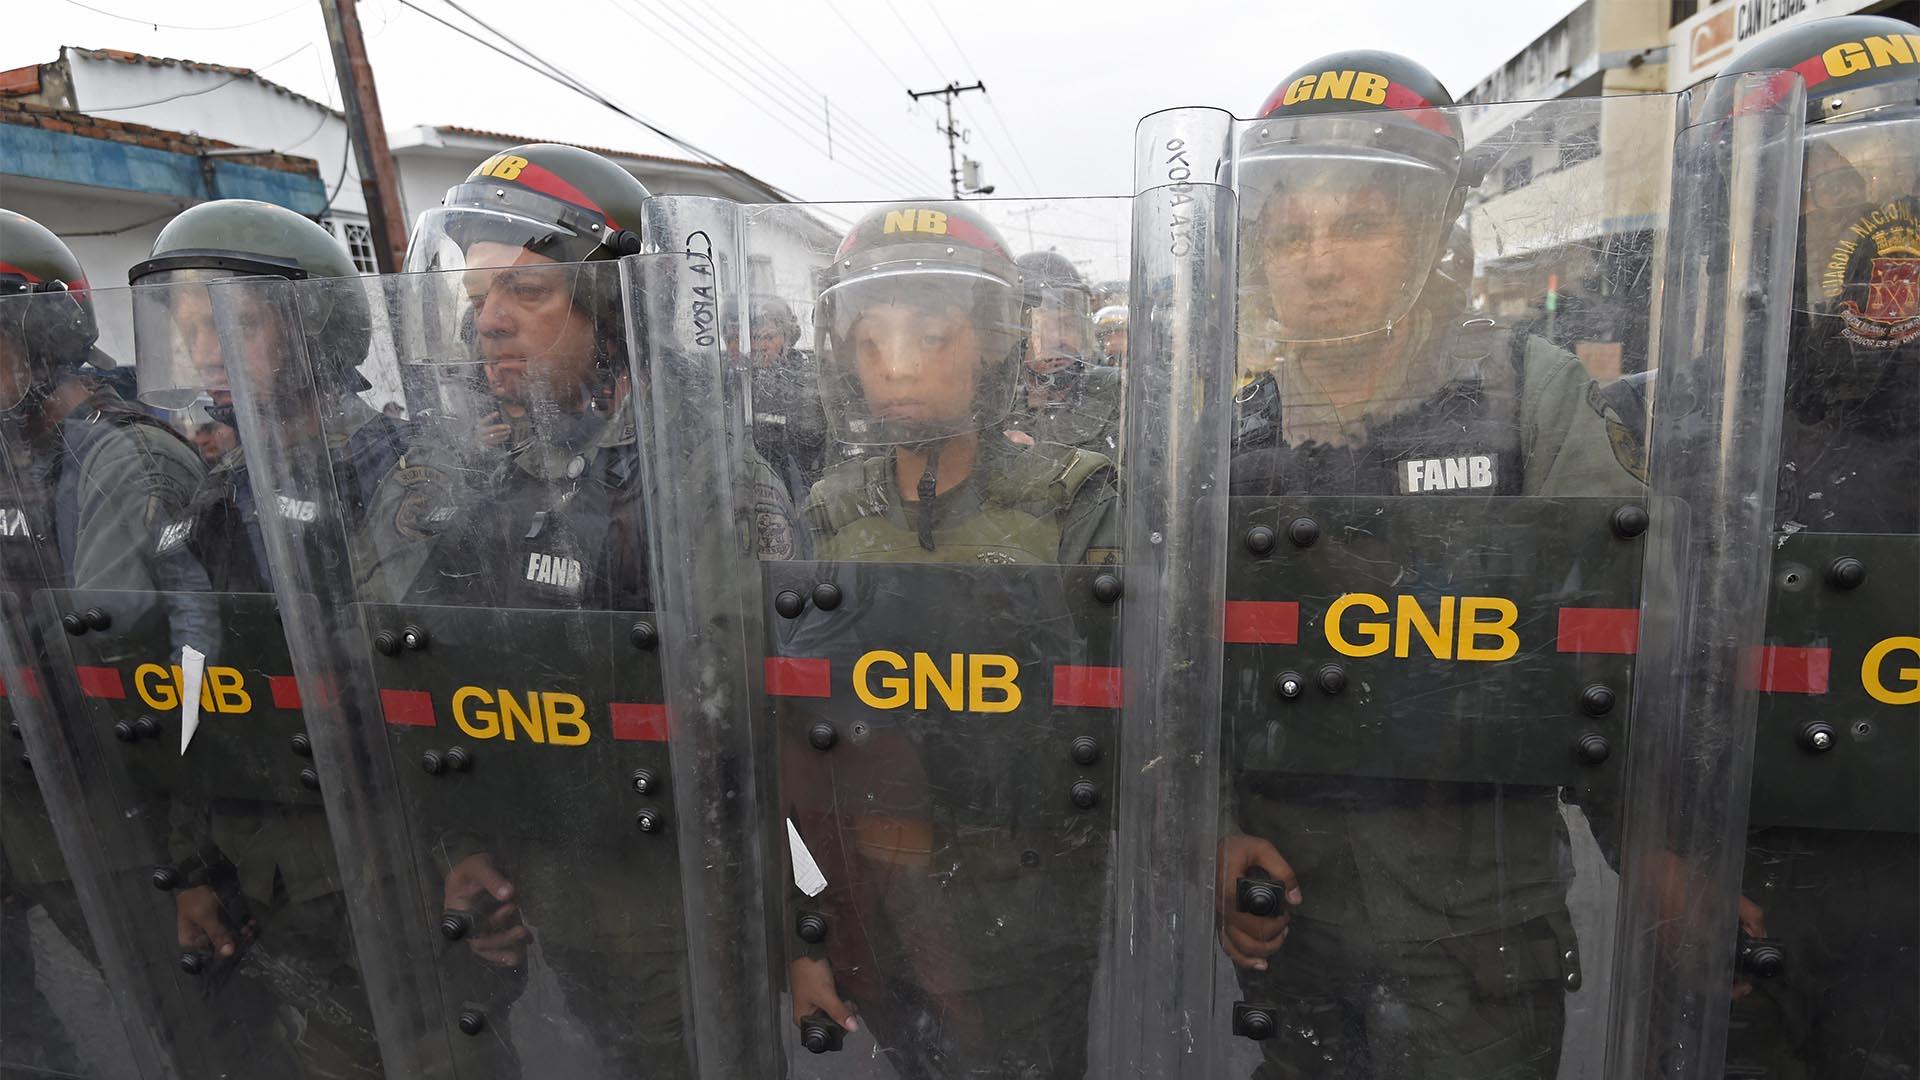 Las fuerzas de seguridad venezolanas montan guardia en la ciudad fronteriza de Ureña después de que el gobierno de Maduro ordenara el cierre temporal de la frontera con Colombia (AFP)